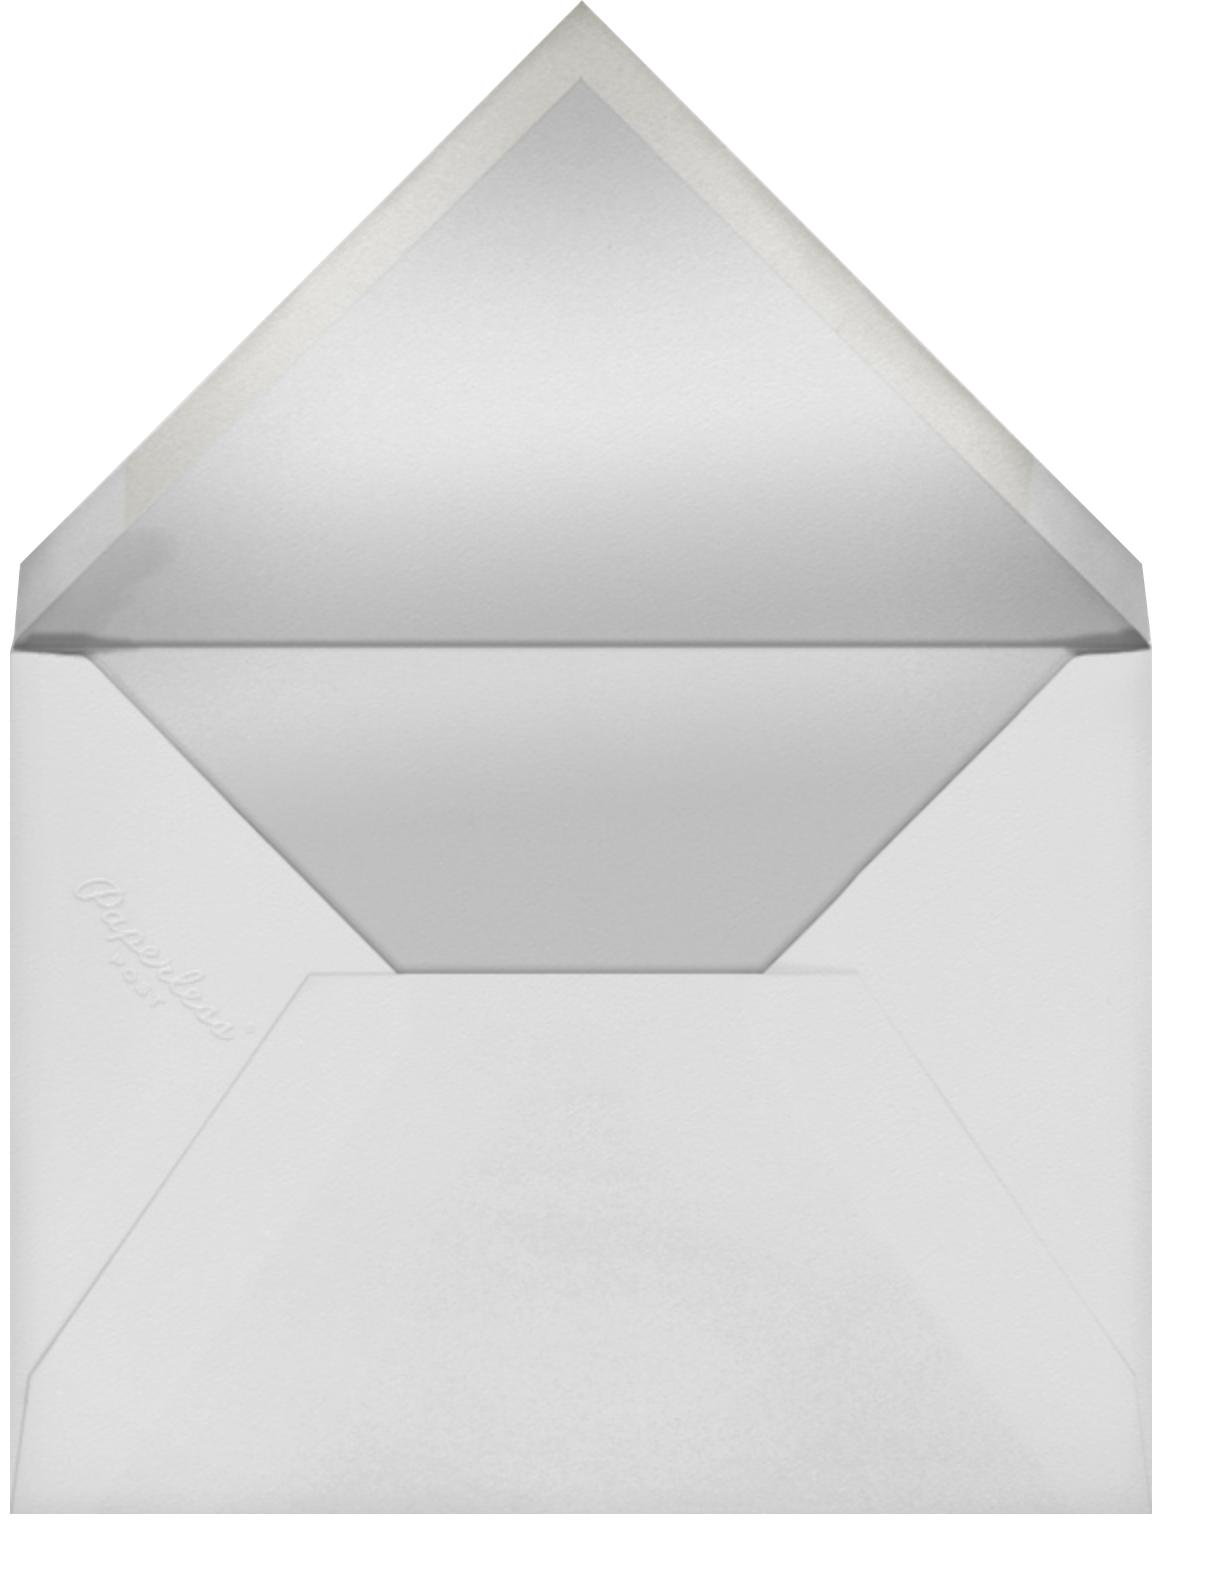 Marbleized (Menu) - Kelly Wearstler - Menus - envelope back